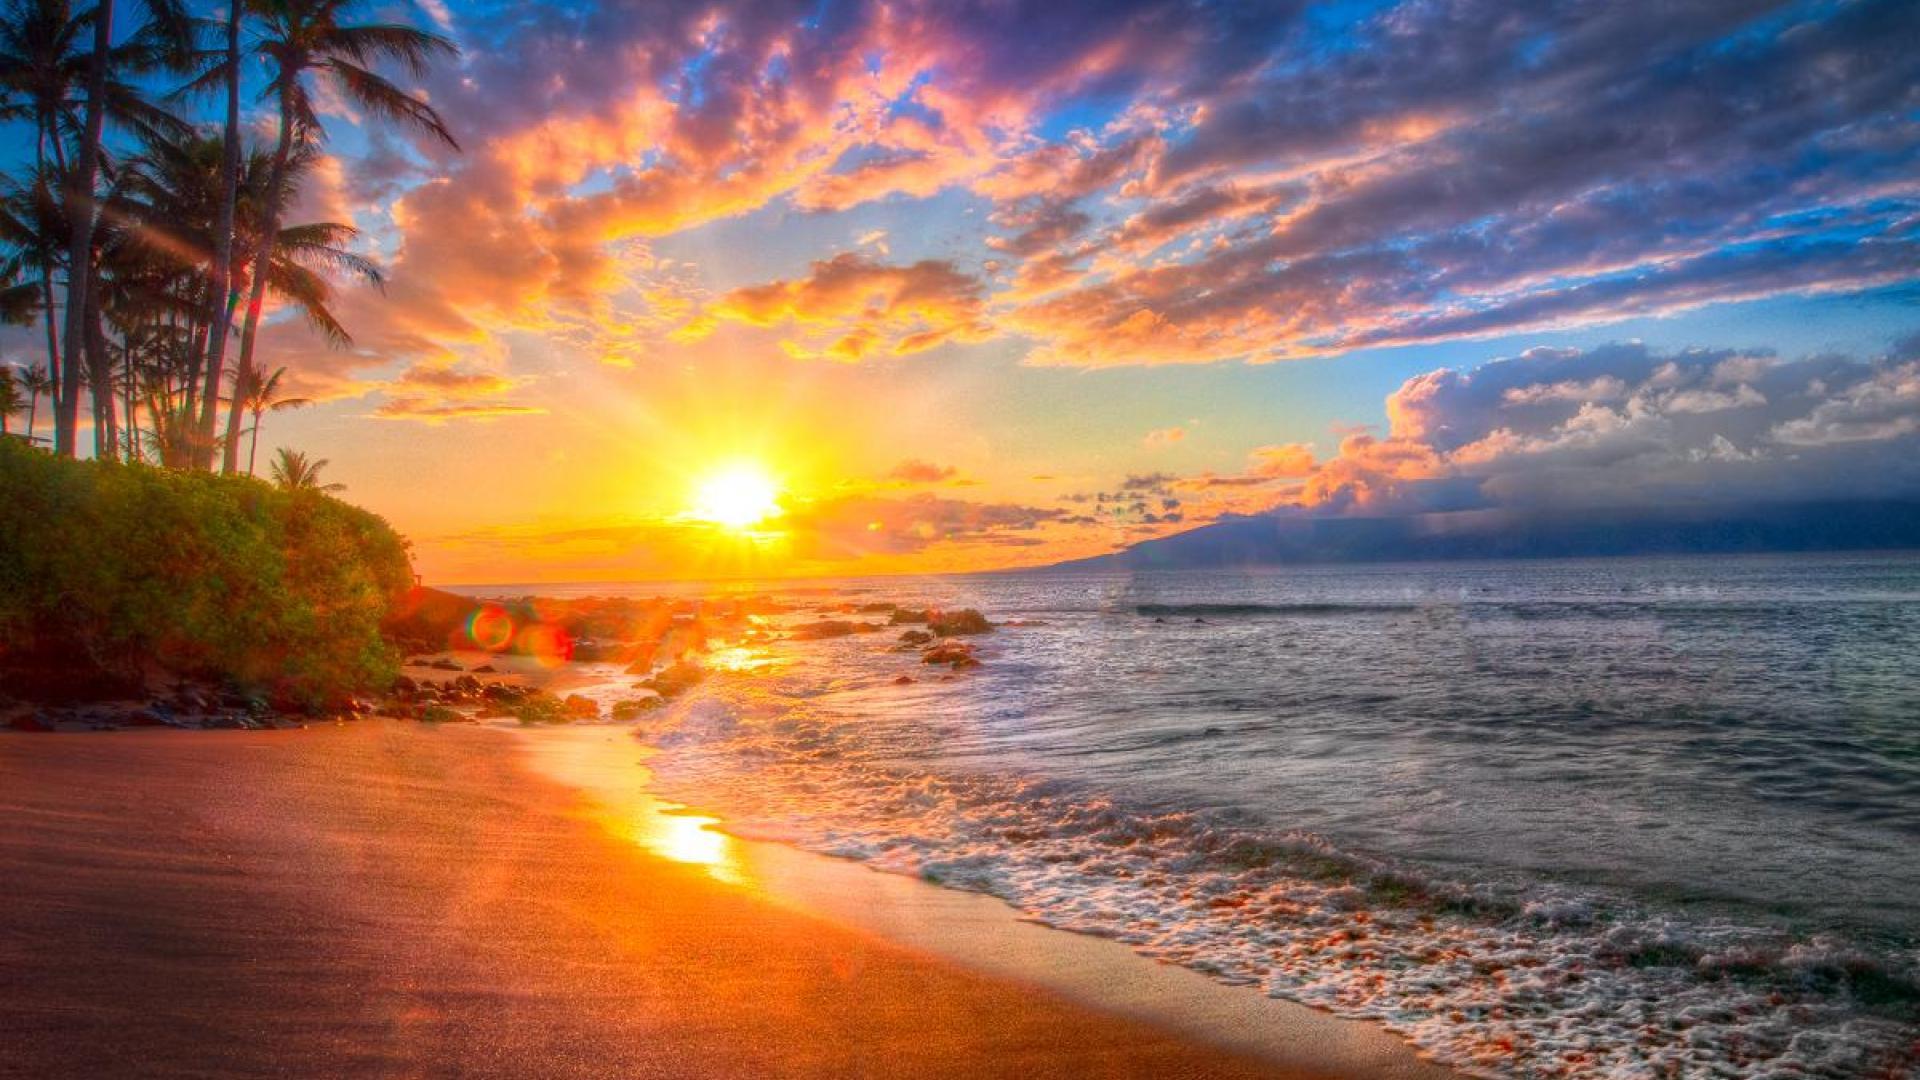 hawaii sunset wallpaper wallpapersafari